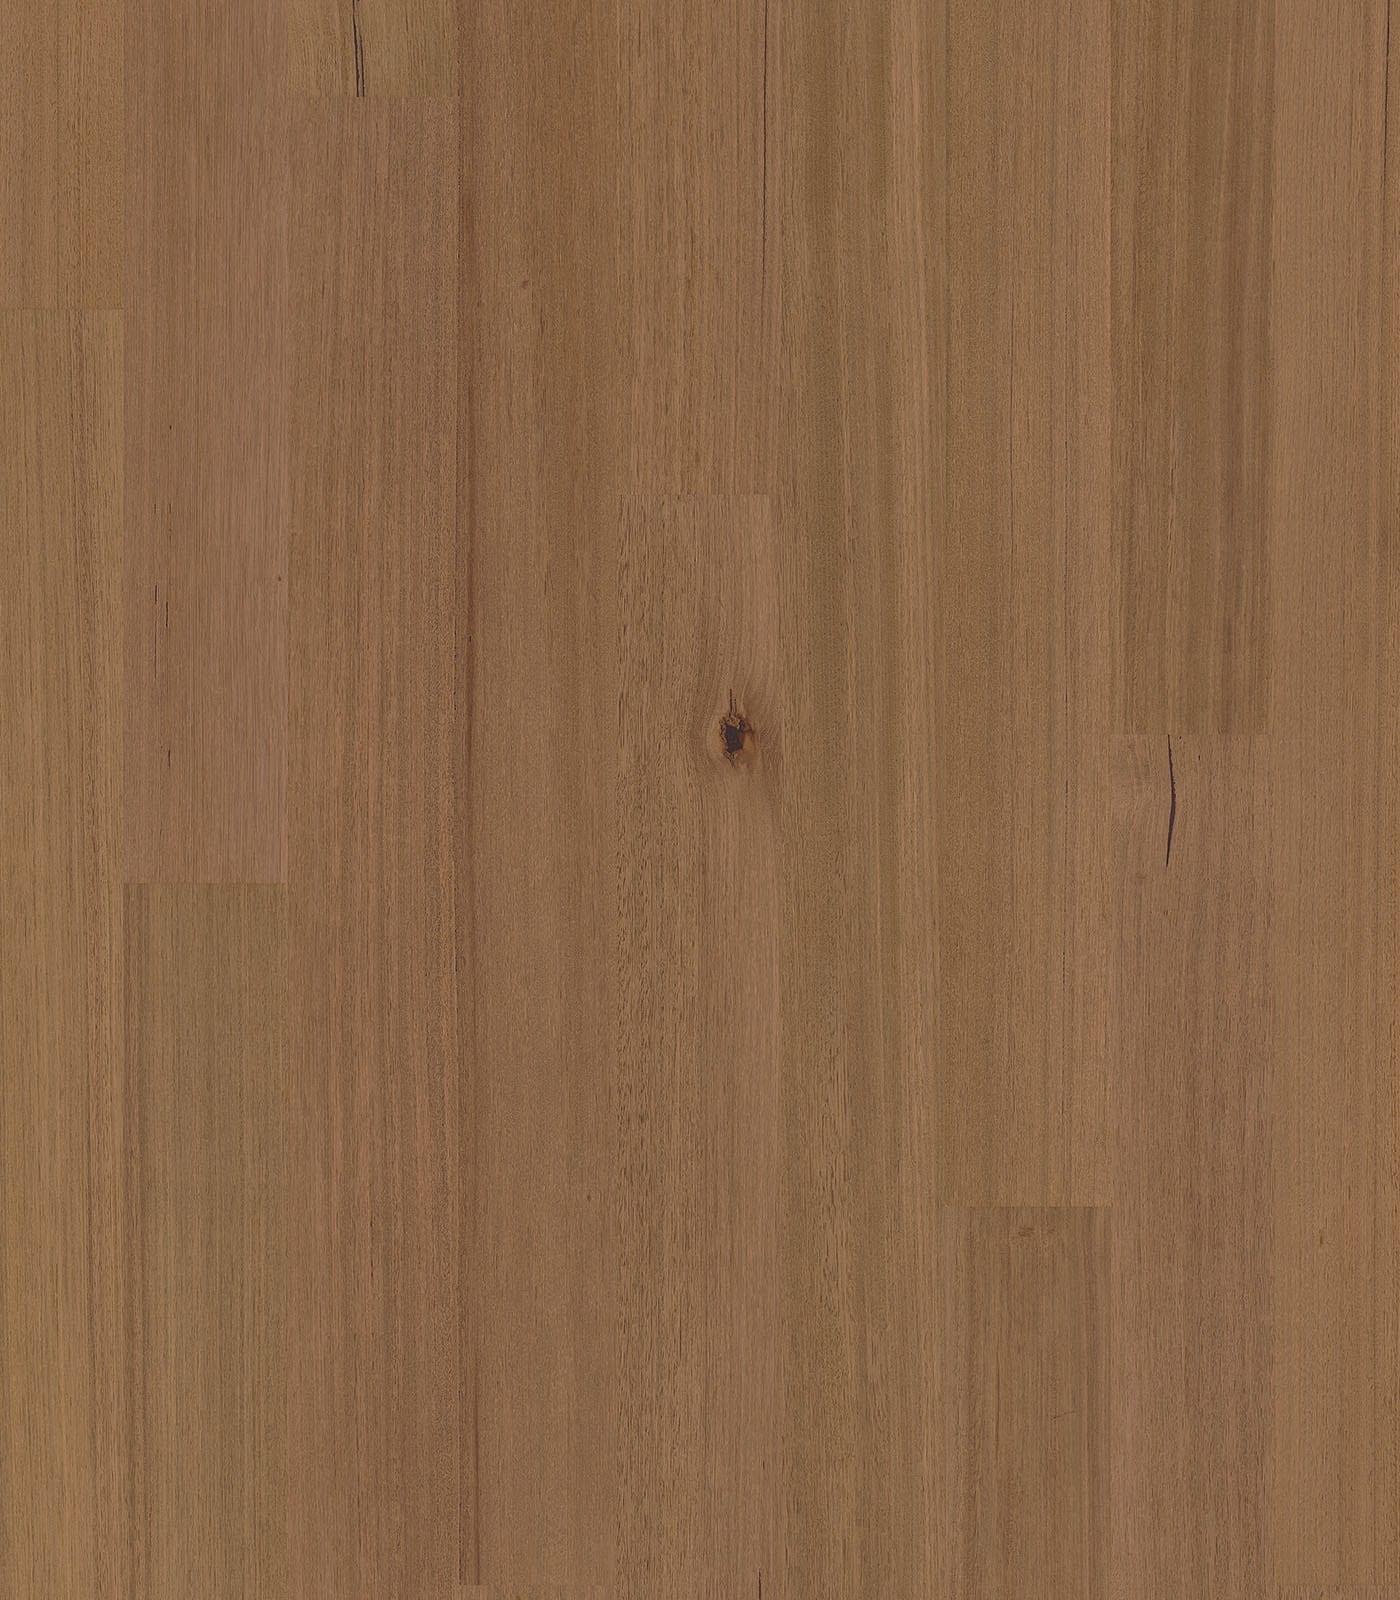 Bunbury-Tasmanian Oak engineered flooring-flat